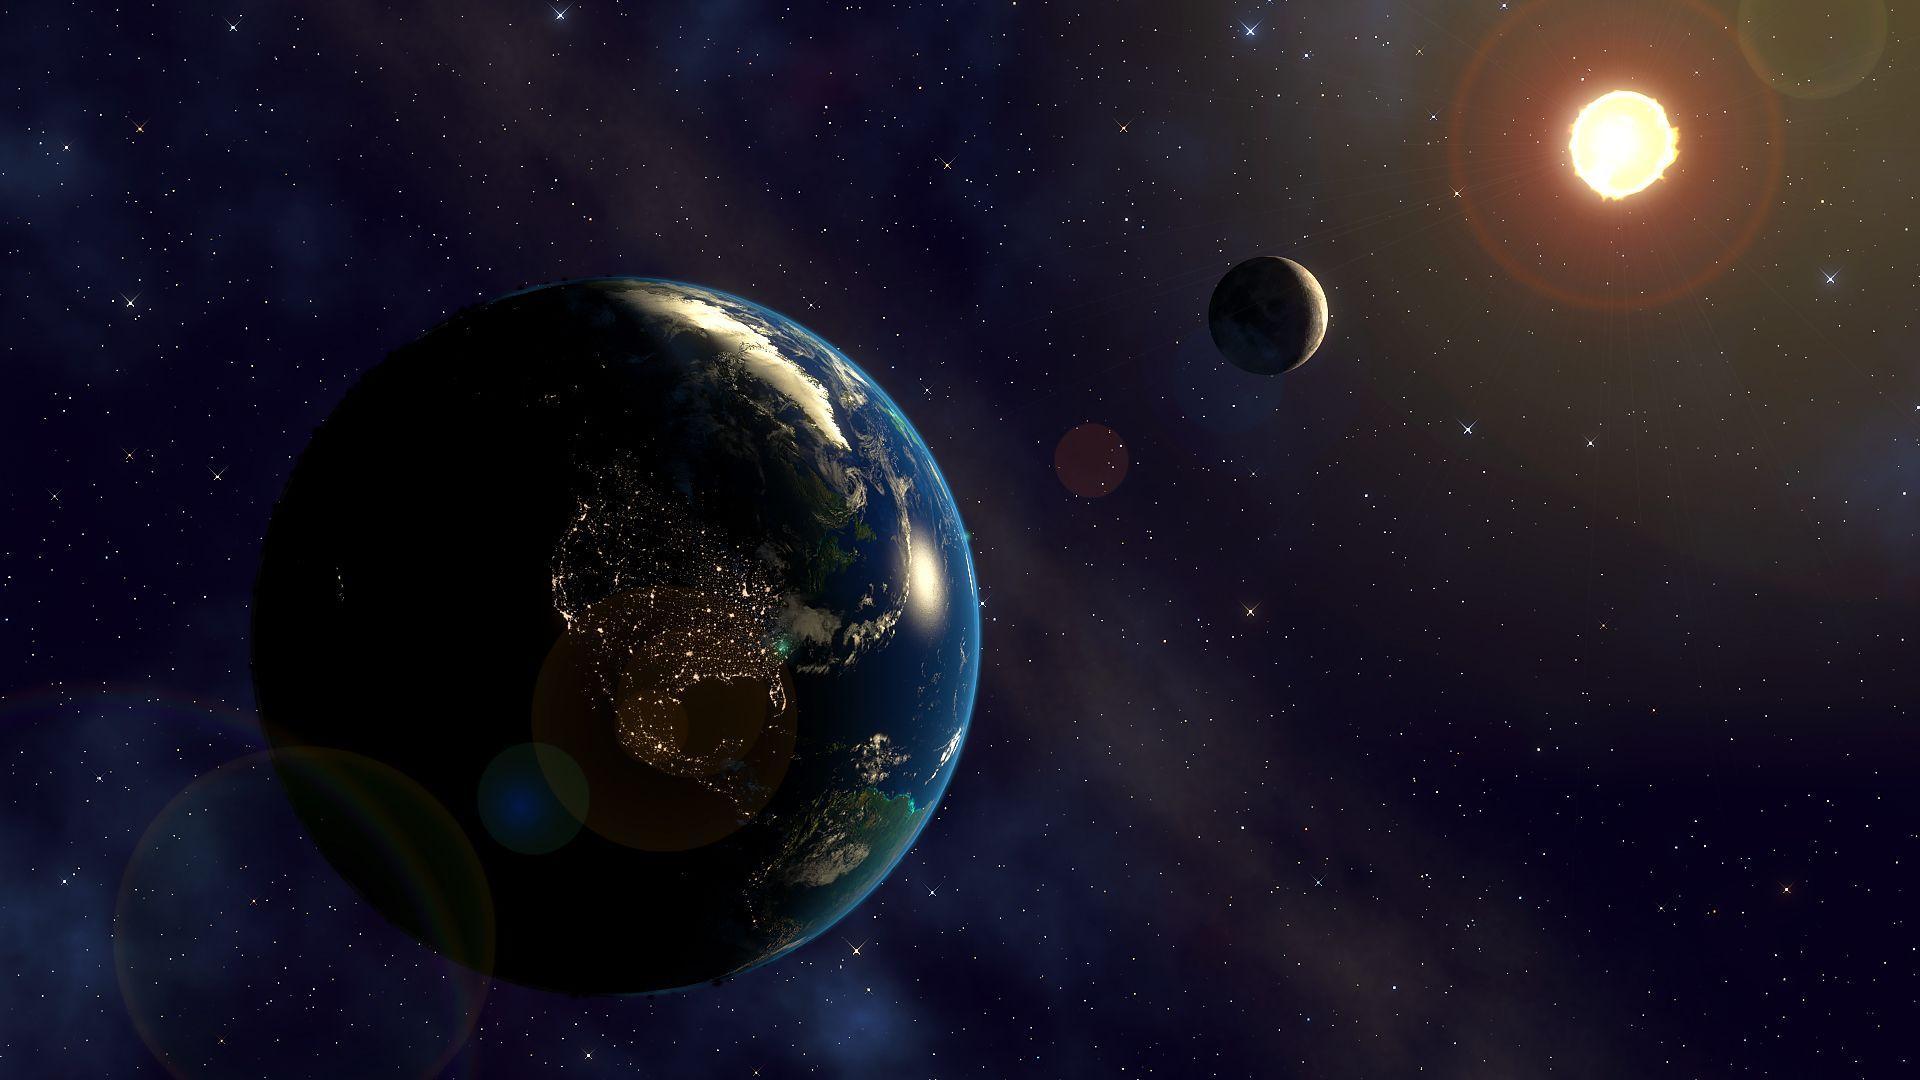 Насколько близко друг к другу могут оказаться две инопланетные цивилизации